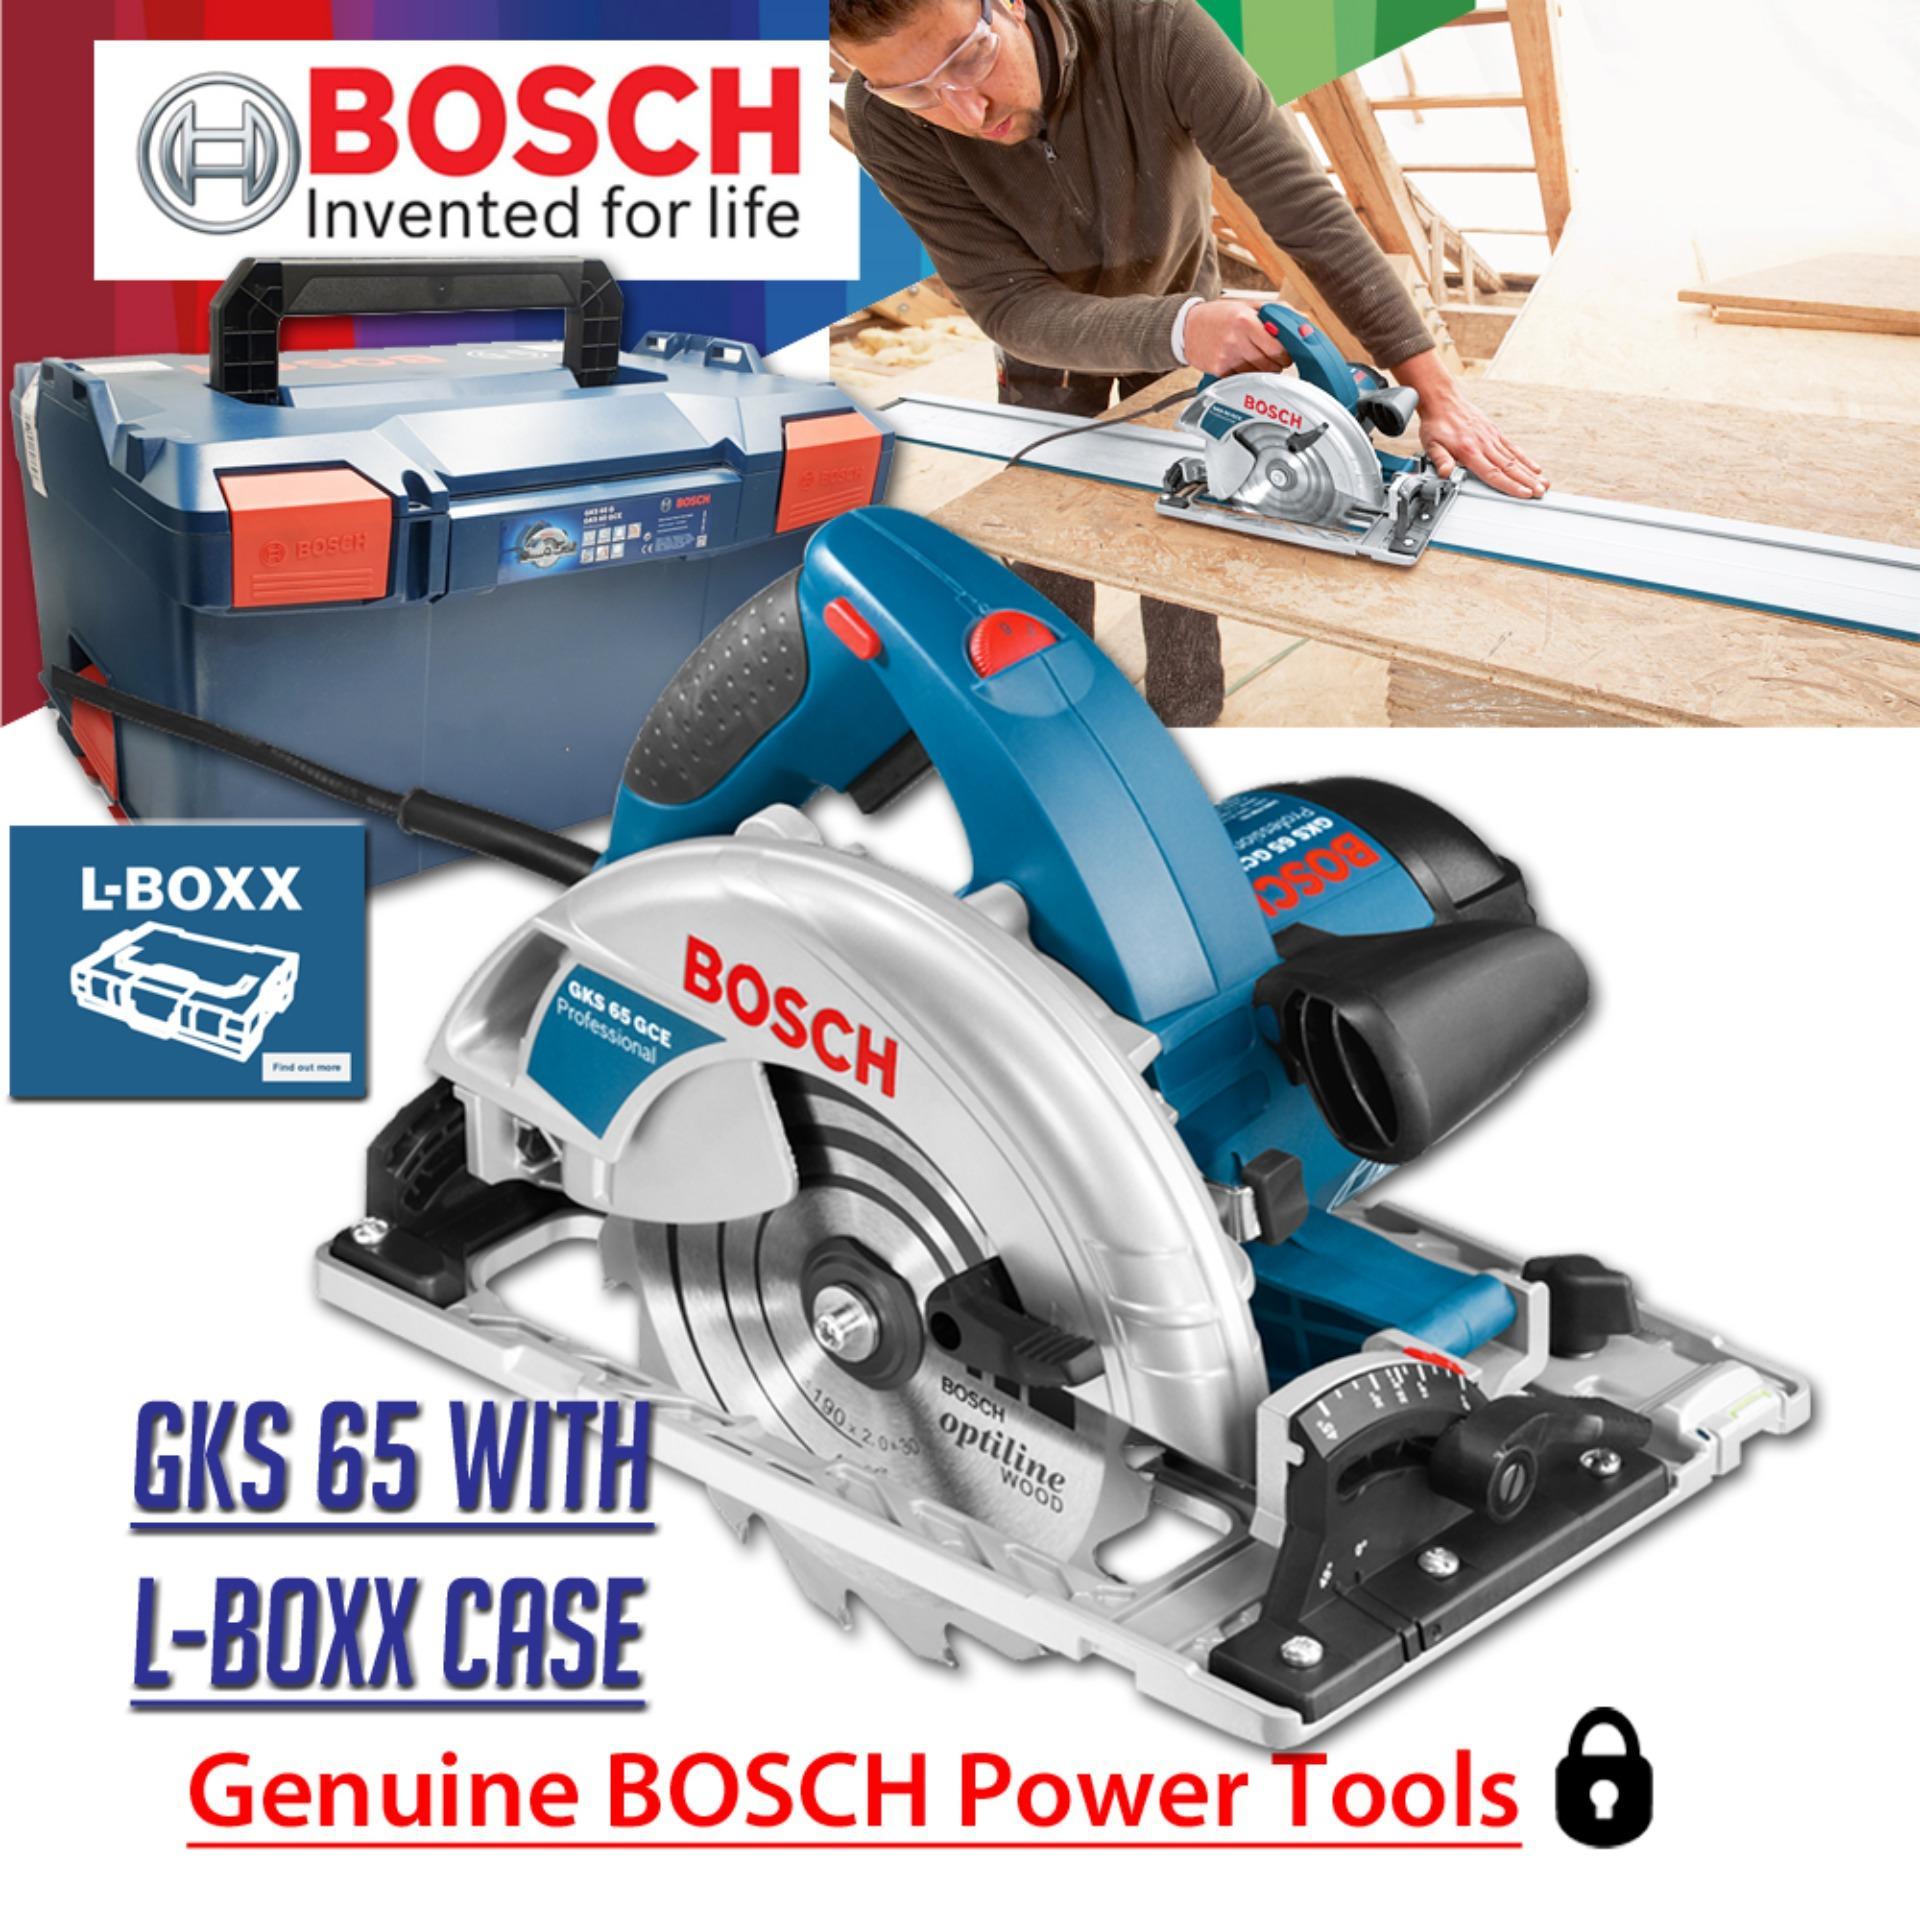 Szalma Elképzelhetetlen Folytatni Bosch Gks 190 Guide Rail Muinmo Org